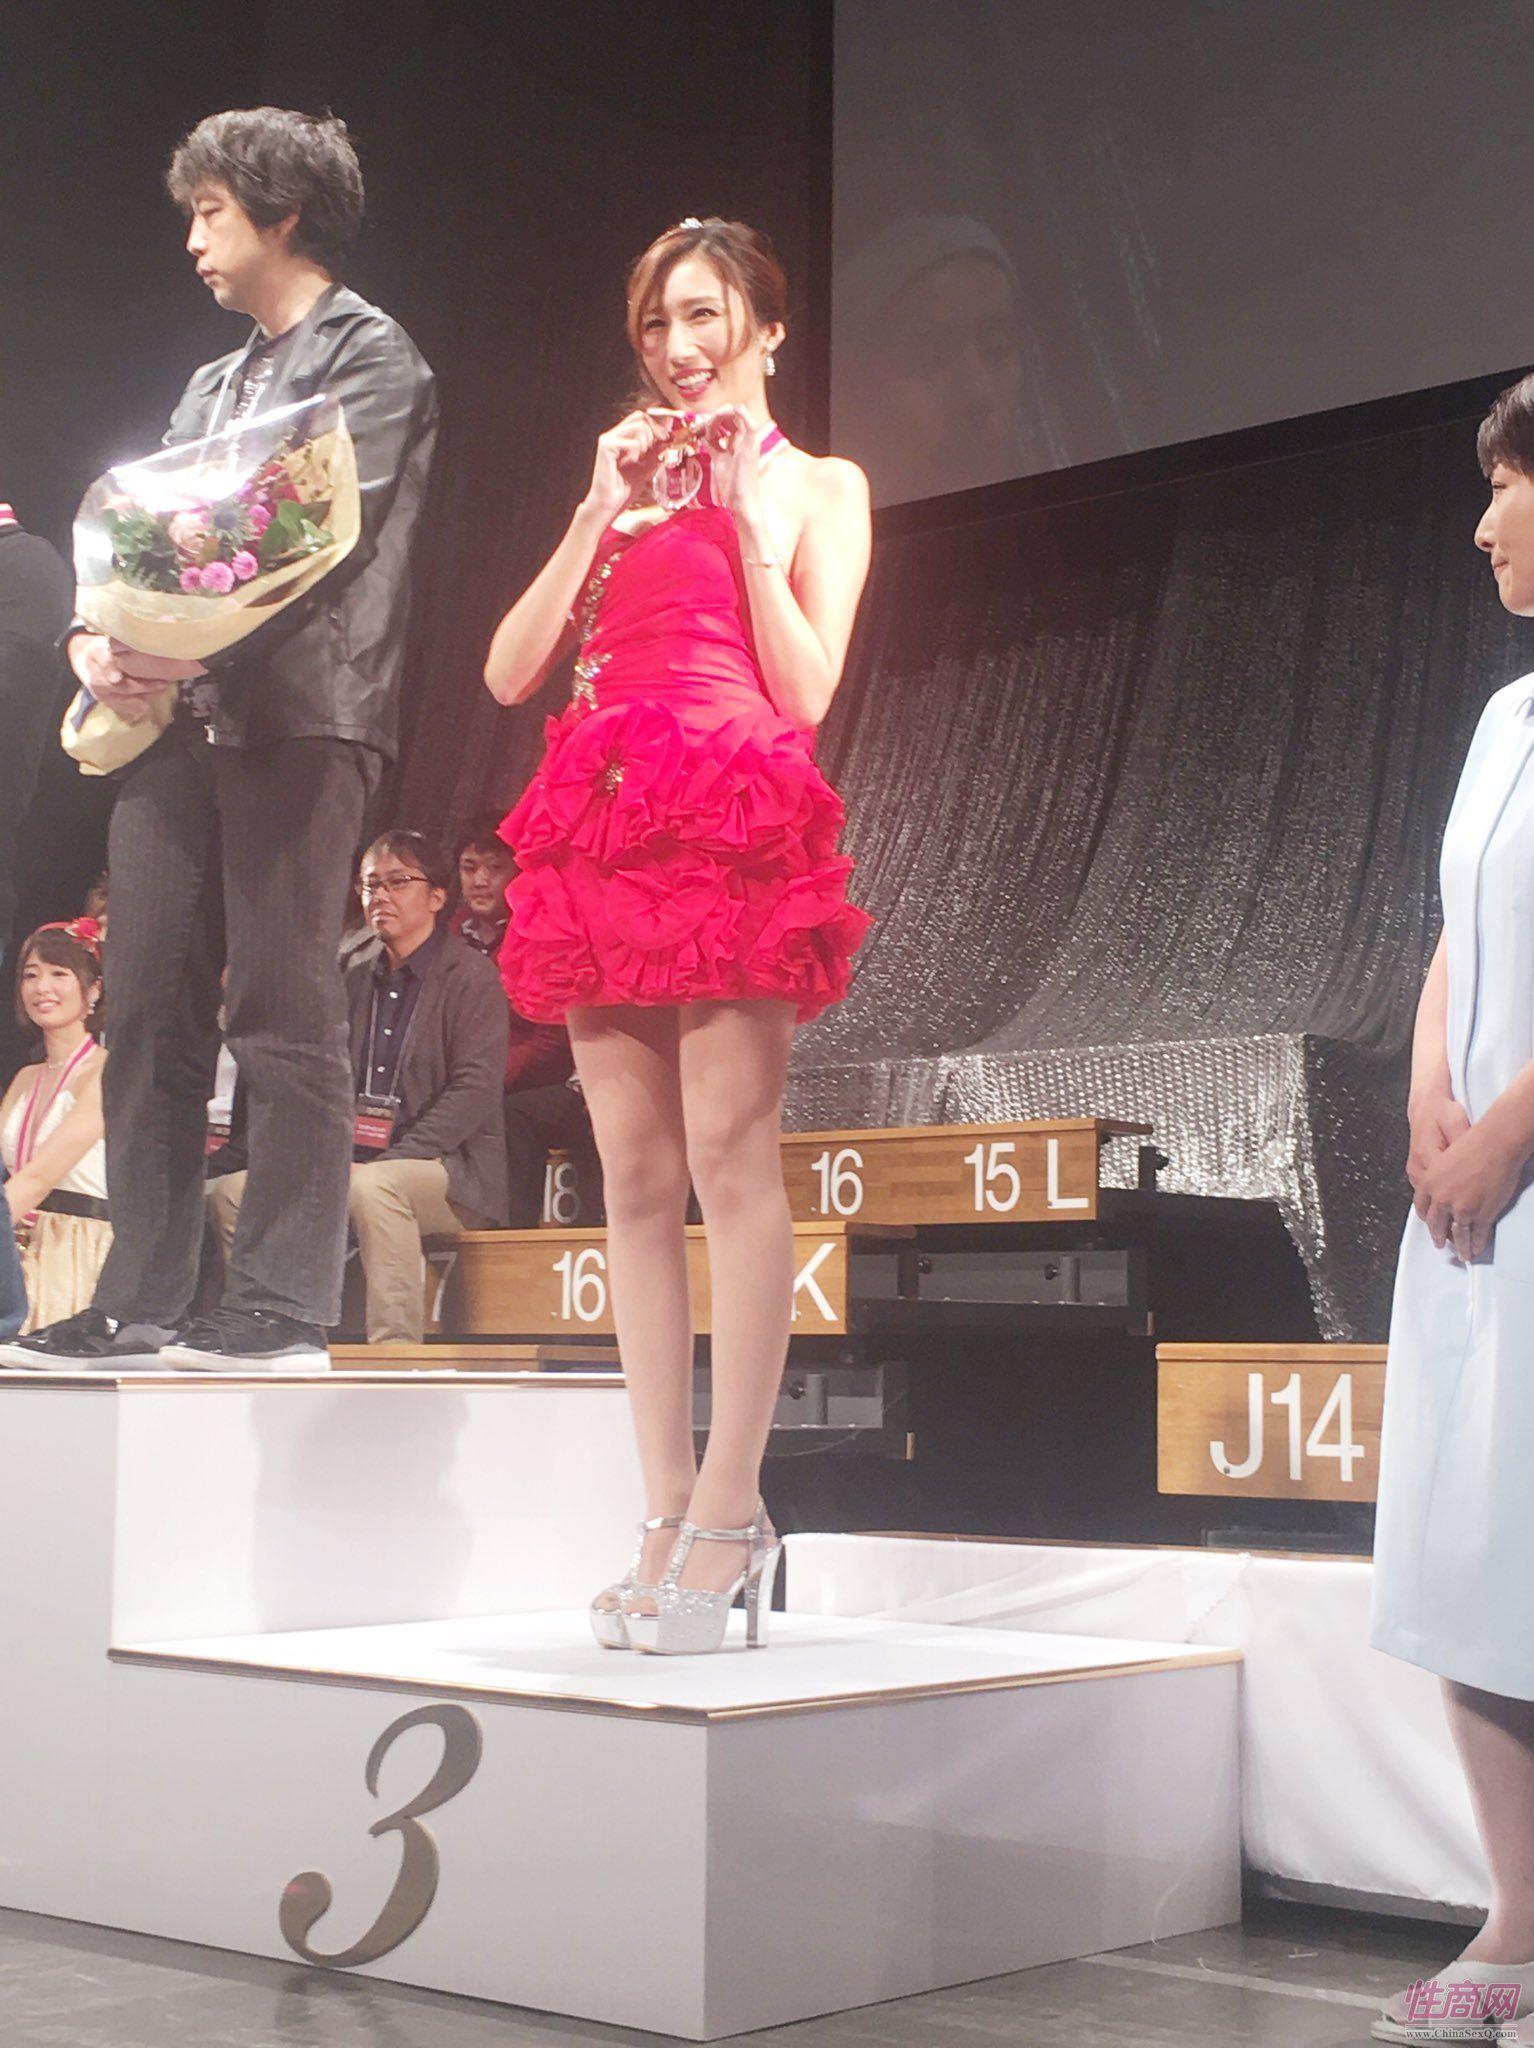 2016日本成人展JapanAdultExpo颁奖典礼2图片6